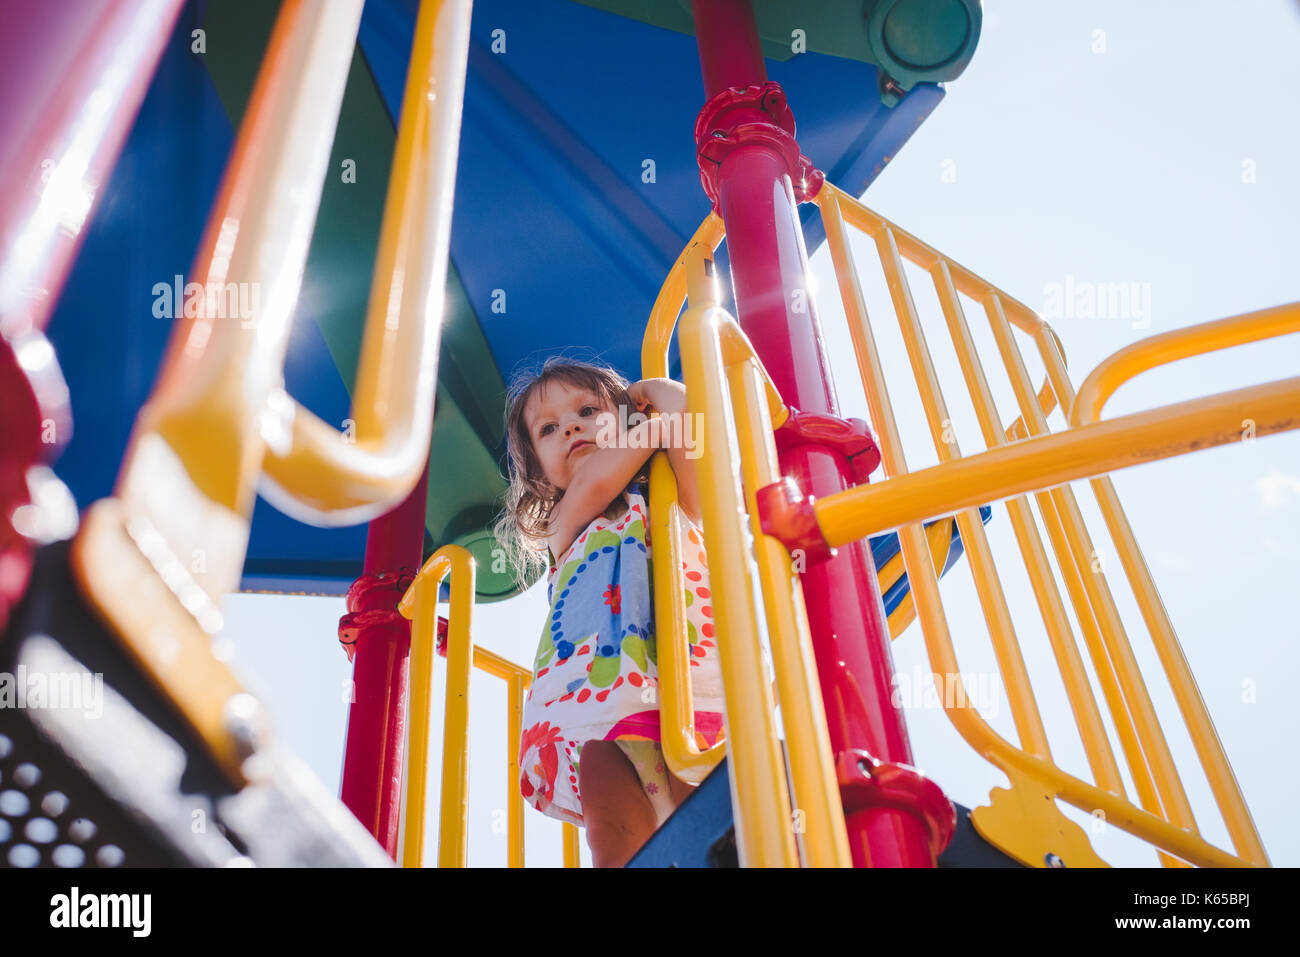 Un petit enfant fille joue à l'équipement de jeu sur une journée ensoleillée. Photo Stock